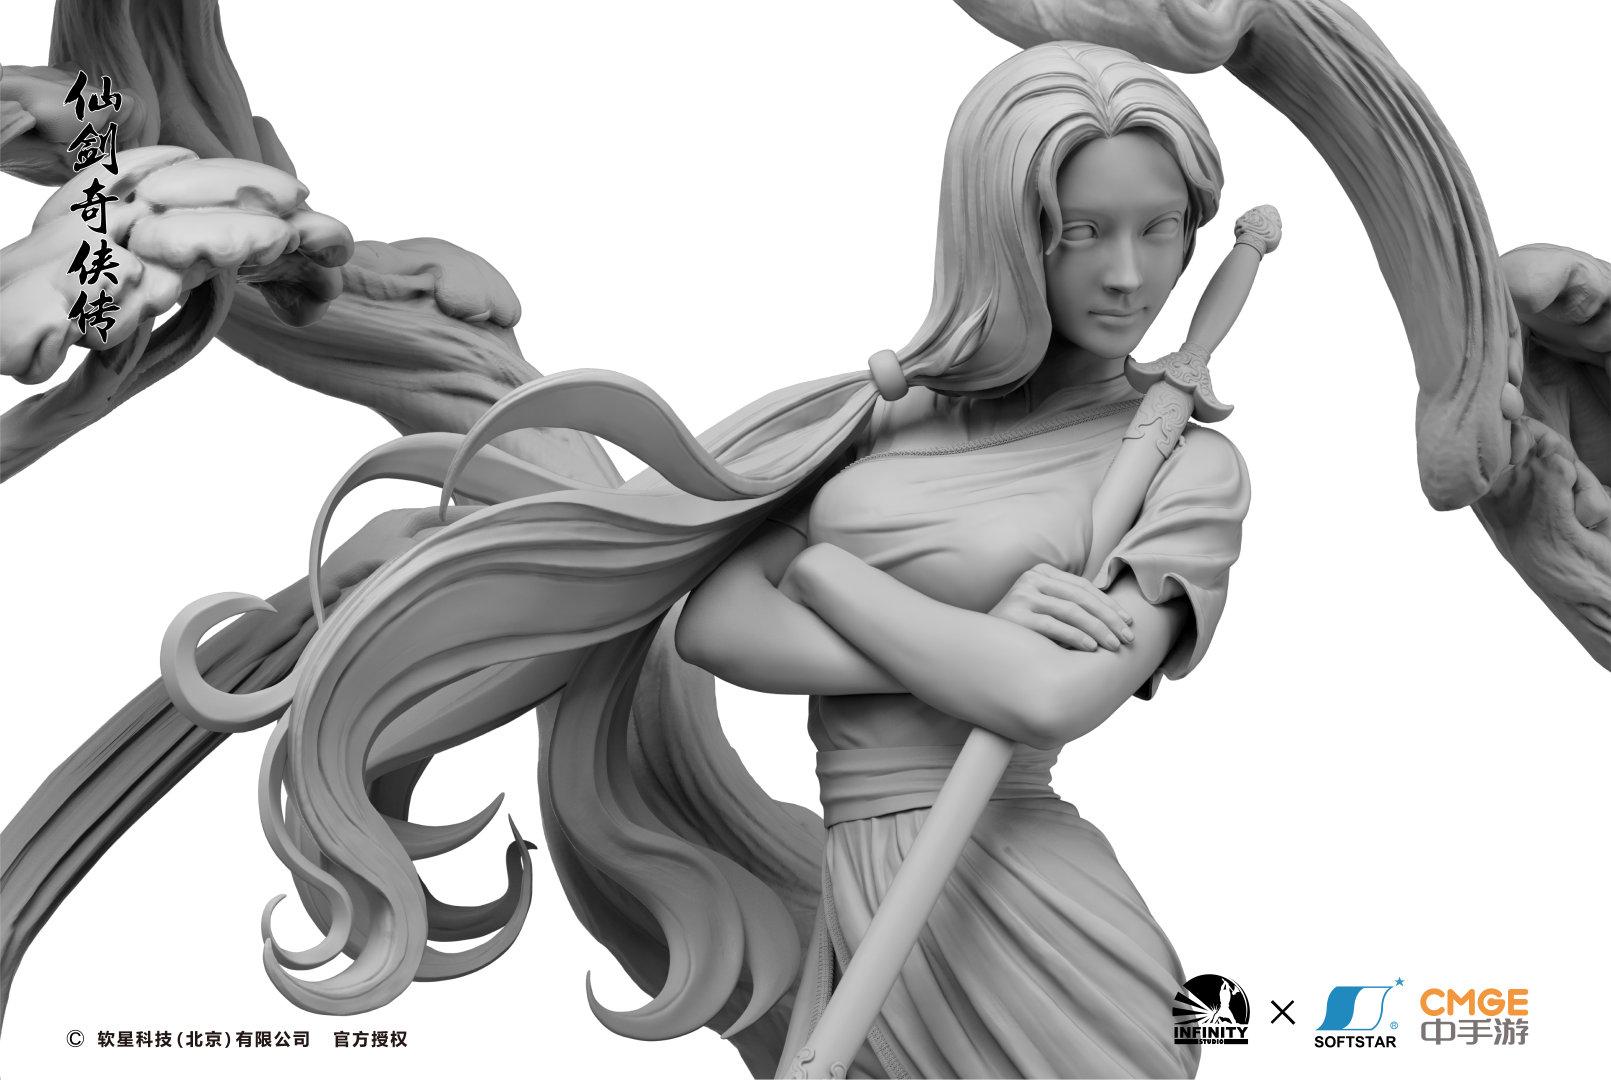 继林月如之后 开天工作室将推出更多《仙剑》角色雕像 下一个即将公布